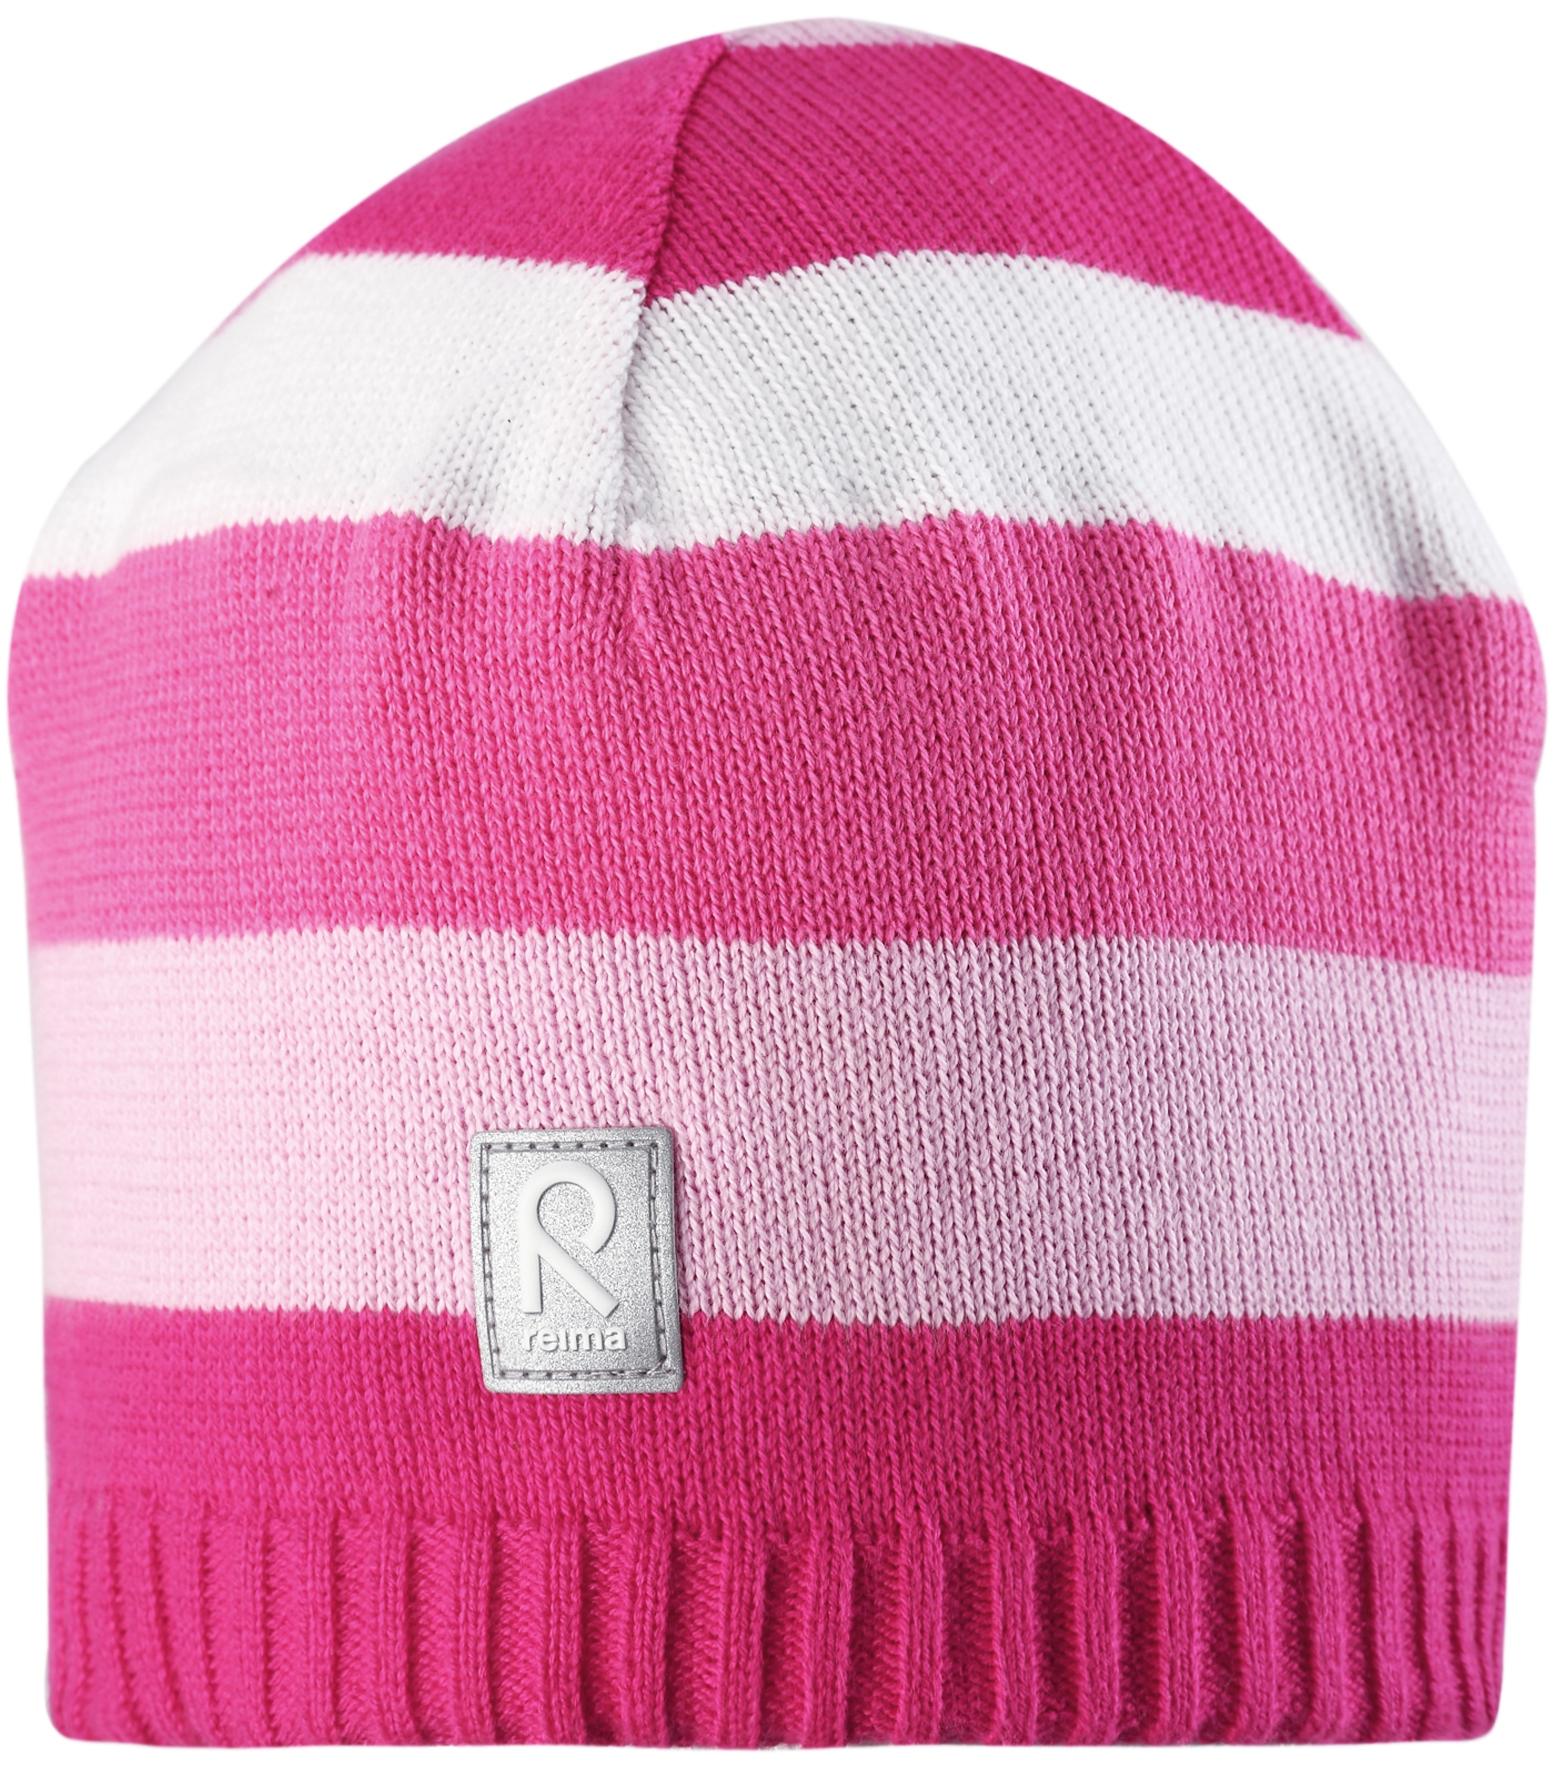 Головные уборы Reima Datoline розовый головные уборы reima aqueous розовый